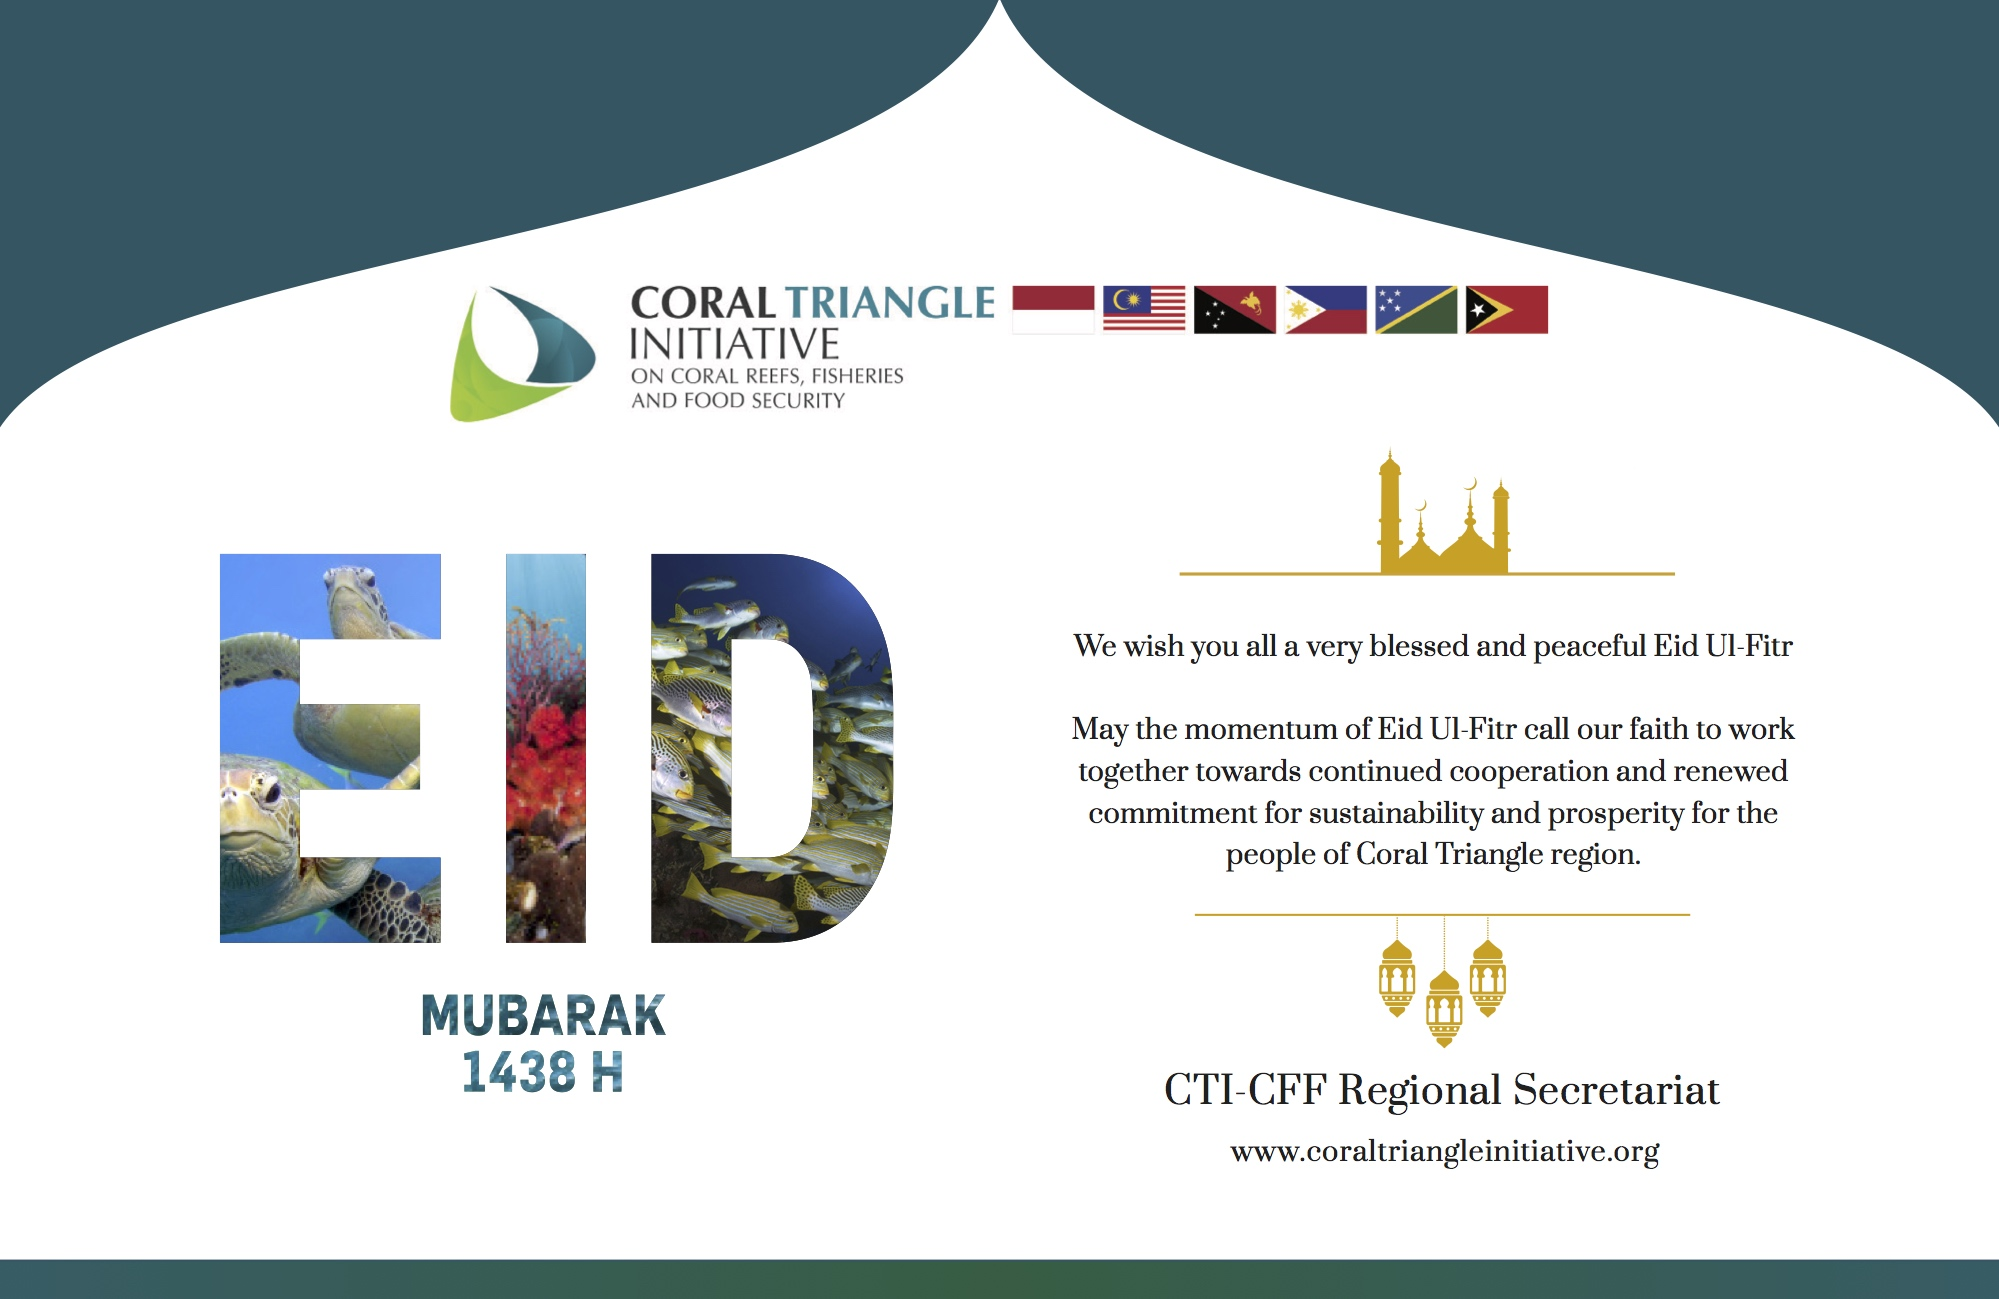 Must see Innovative Eid Al-Fitr Greeting - Greeting%20Card%20Eid%20Ul-Fitr%201438%20H_0_0  Image_323615 .jpg?1506074446